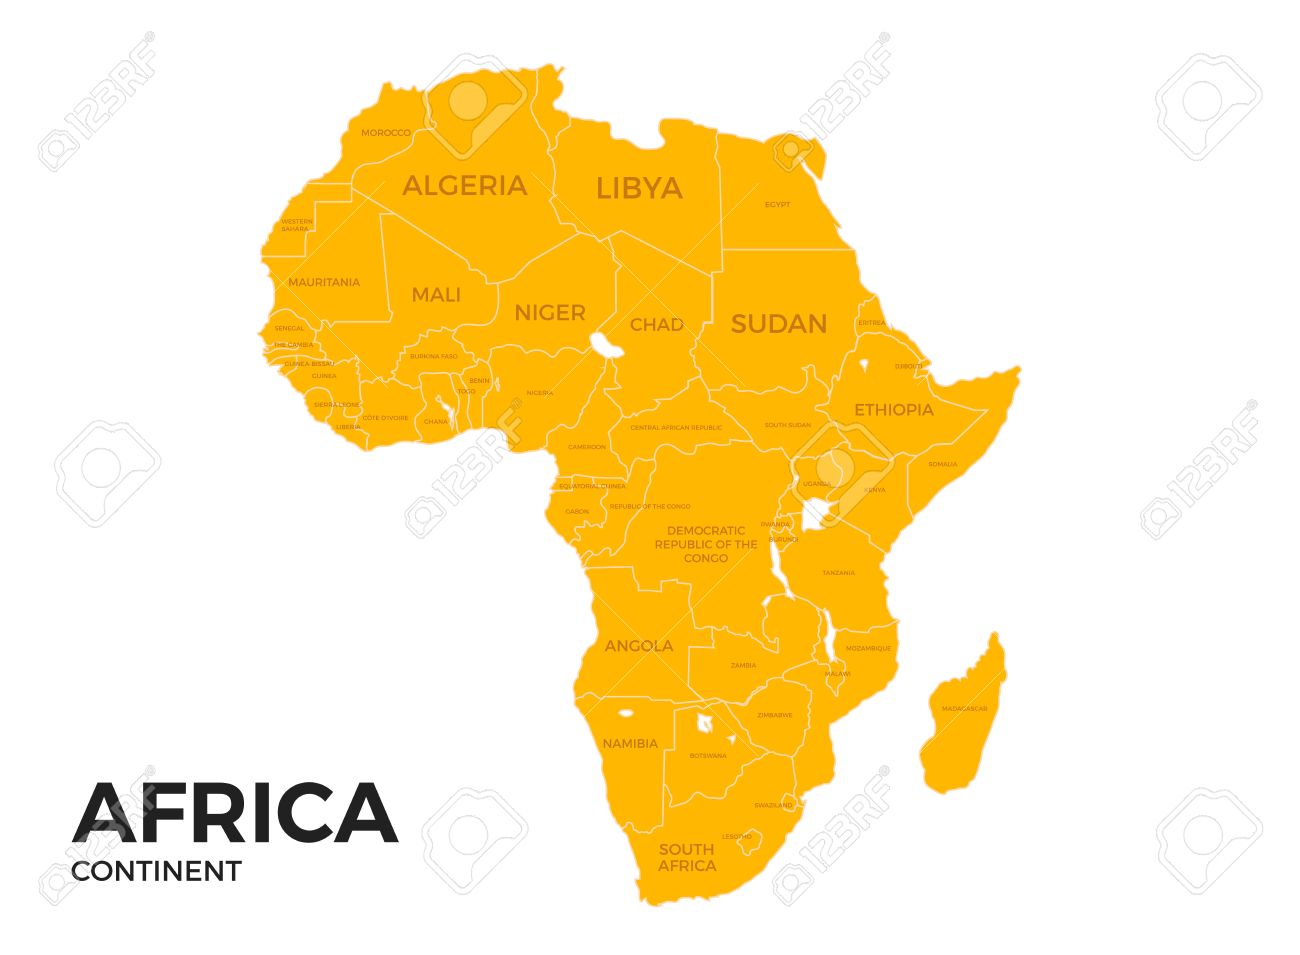 Carte Afrique Sans Pays.Afrique Emplacement Continent Carte Moderne Vecteur Detaillee Tous Les Pays Du Monde Sans Noms Modele De Vecteur De Beau Design De Carte En Niveaux